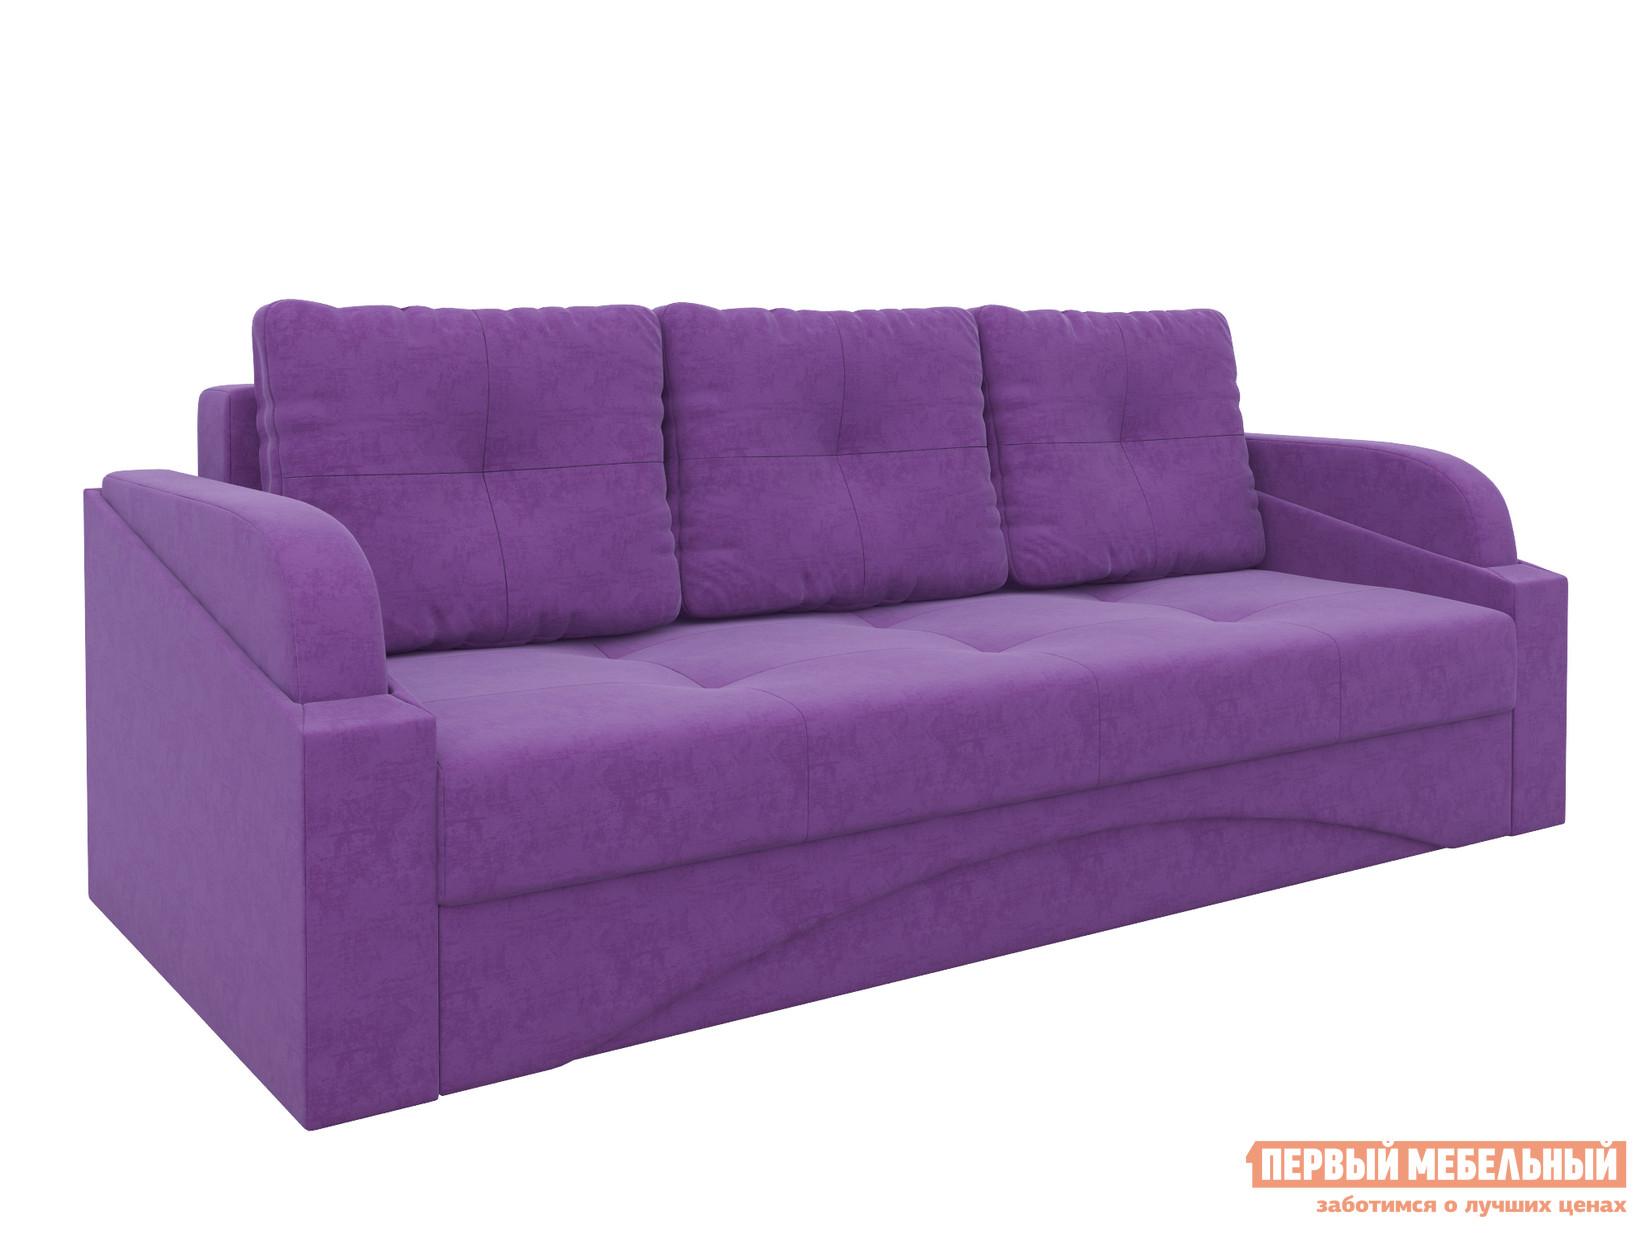 Прямой диван Мебелико Панда